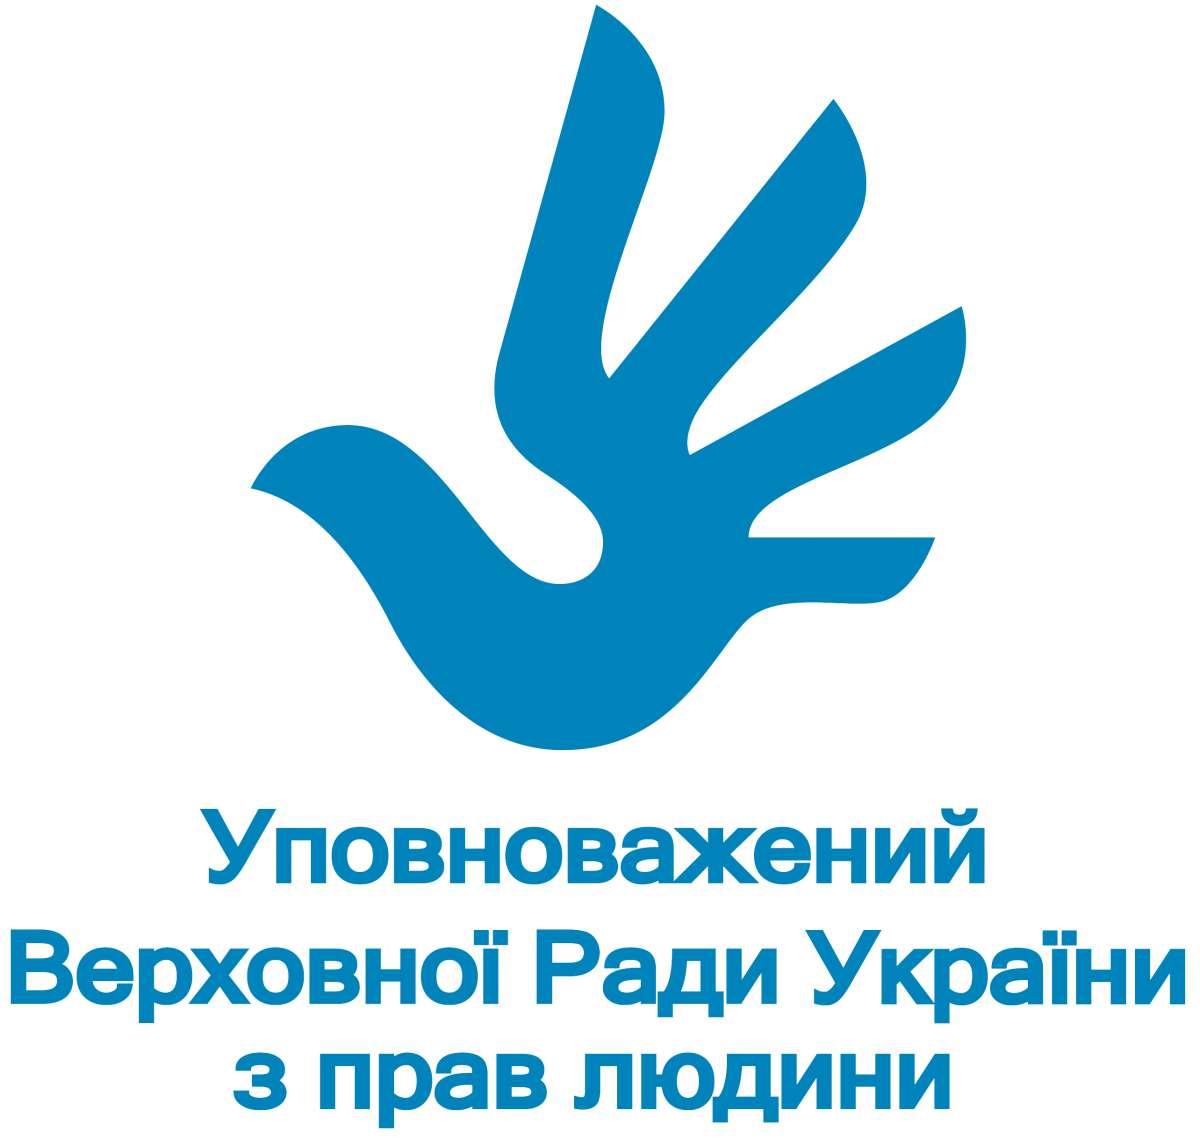 Уповноважений тримає на контролі питання забезпечення права пільгового проїзду для людей з інвалідністю